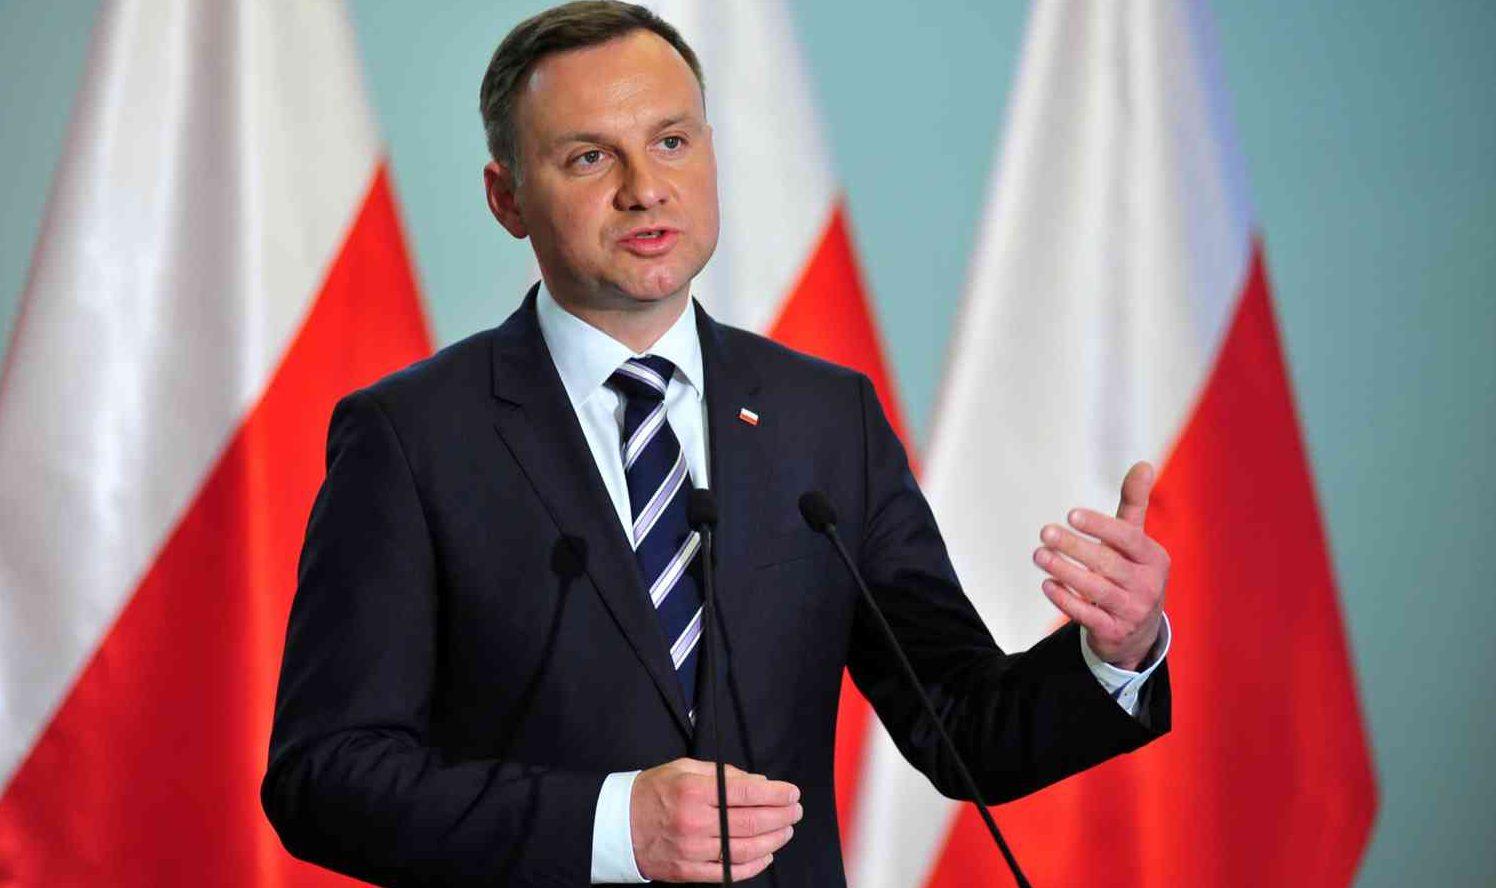 Польша готова судиться сЕврокомиссией из-за санкций